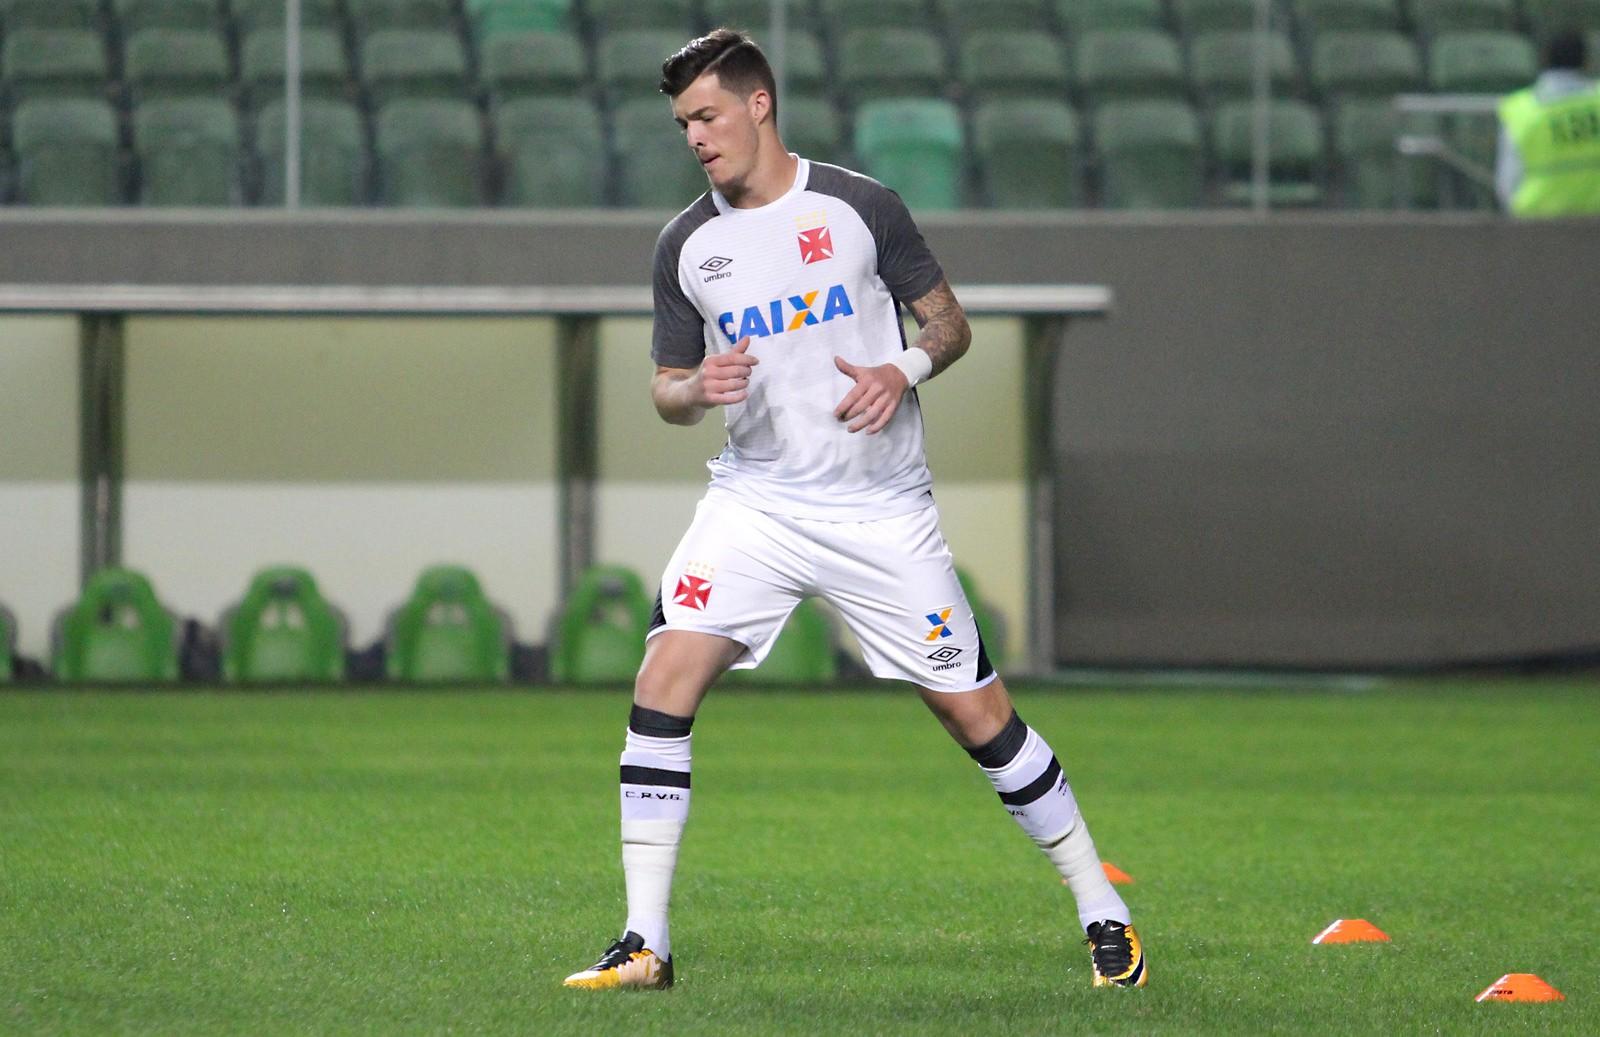 Com contrato com o Sporting, Bruno Paulista jogou no Vasco entre 2017 e 2018